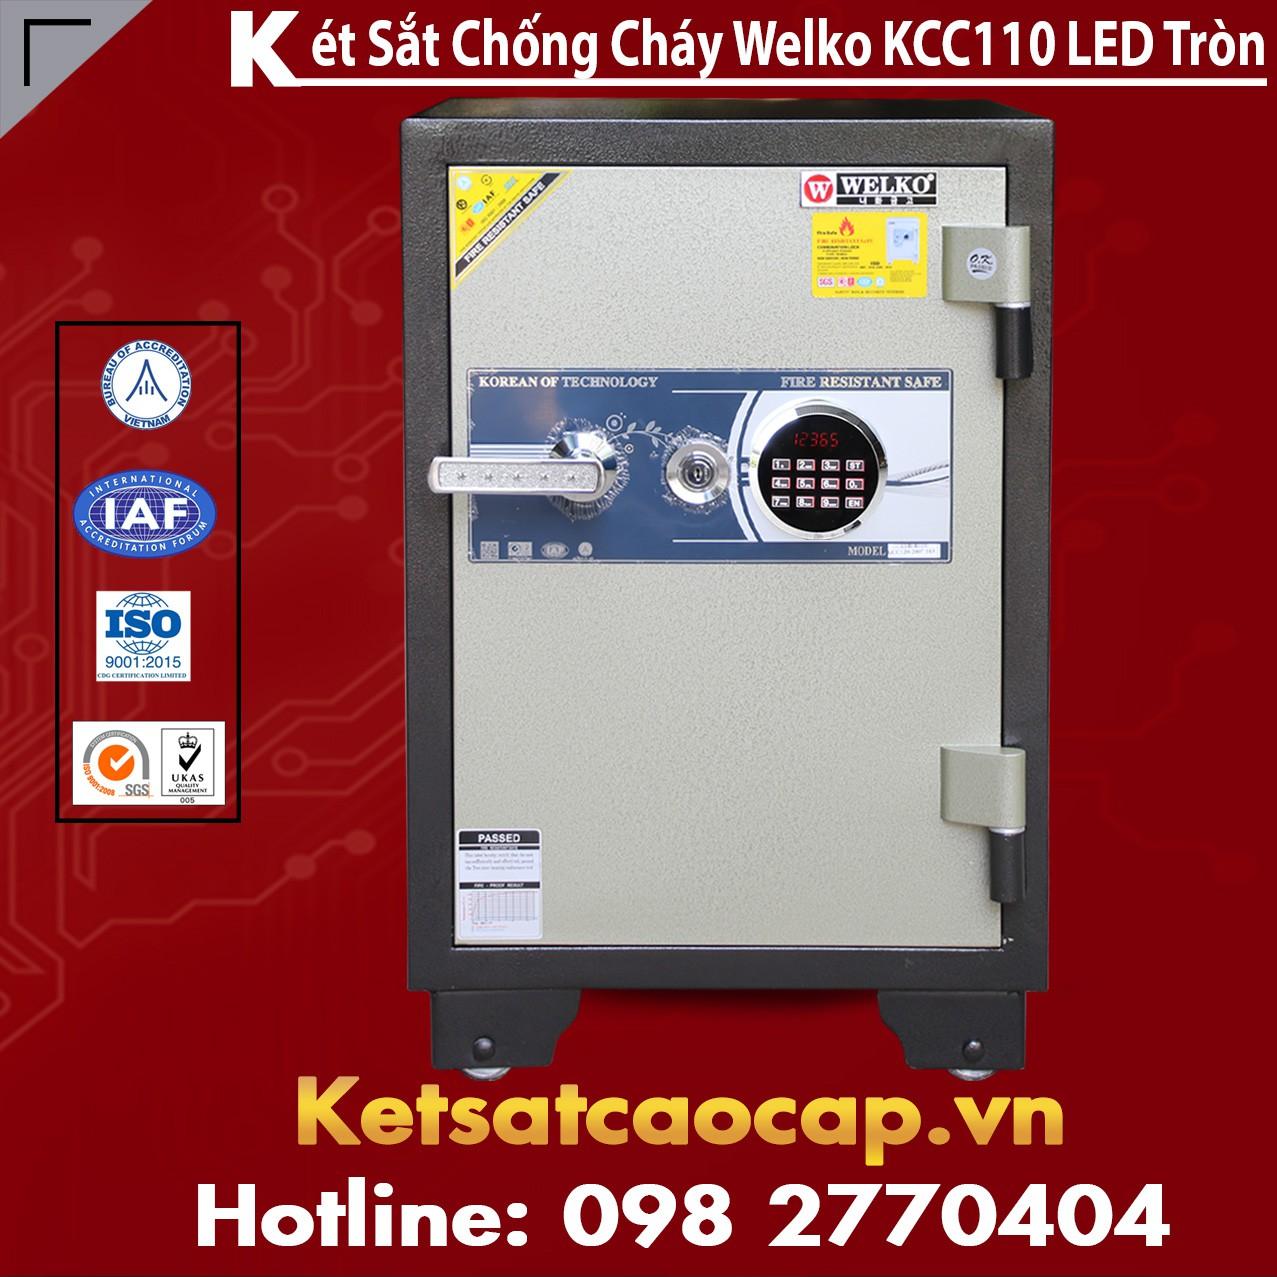 Két Sắt Chống Trộm KCC110 - Led Tròn